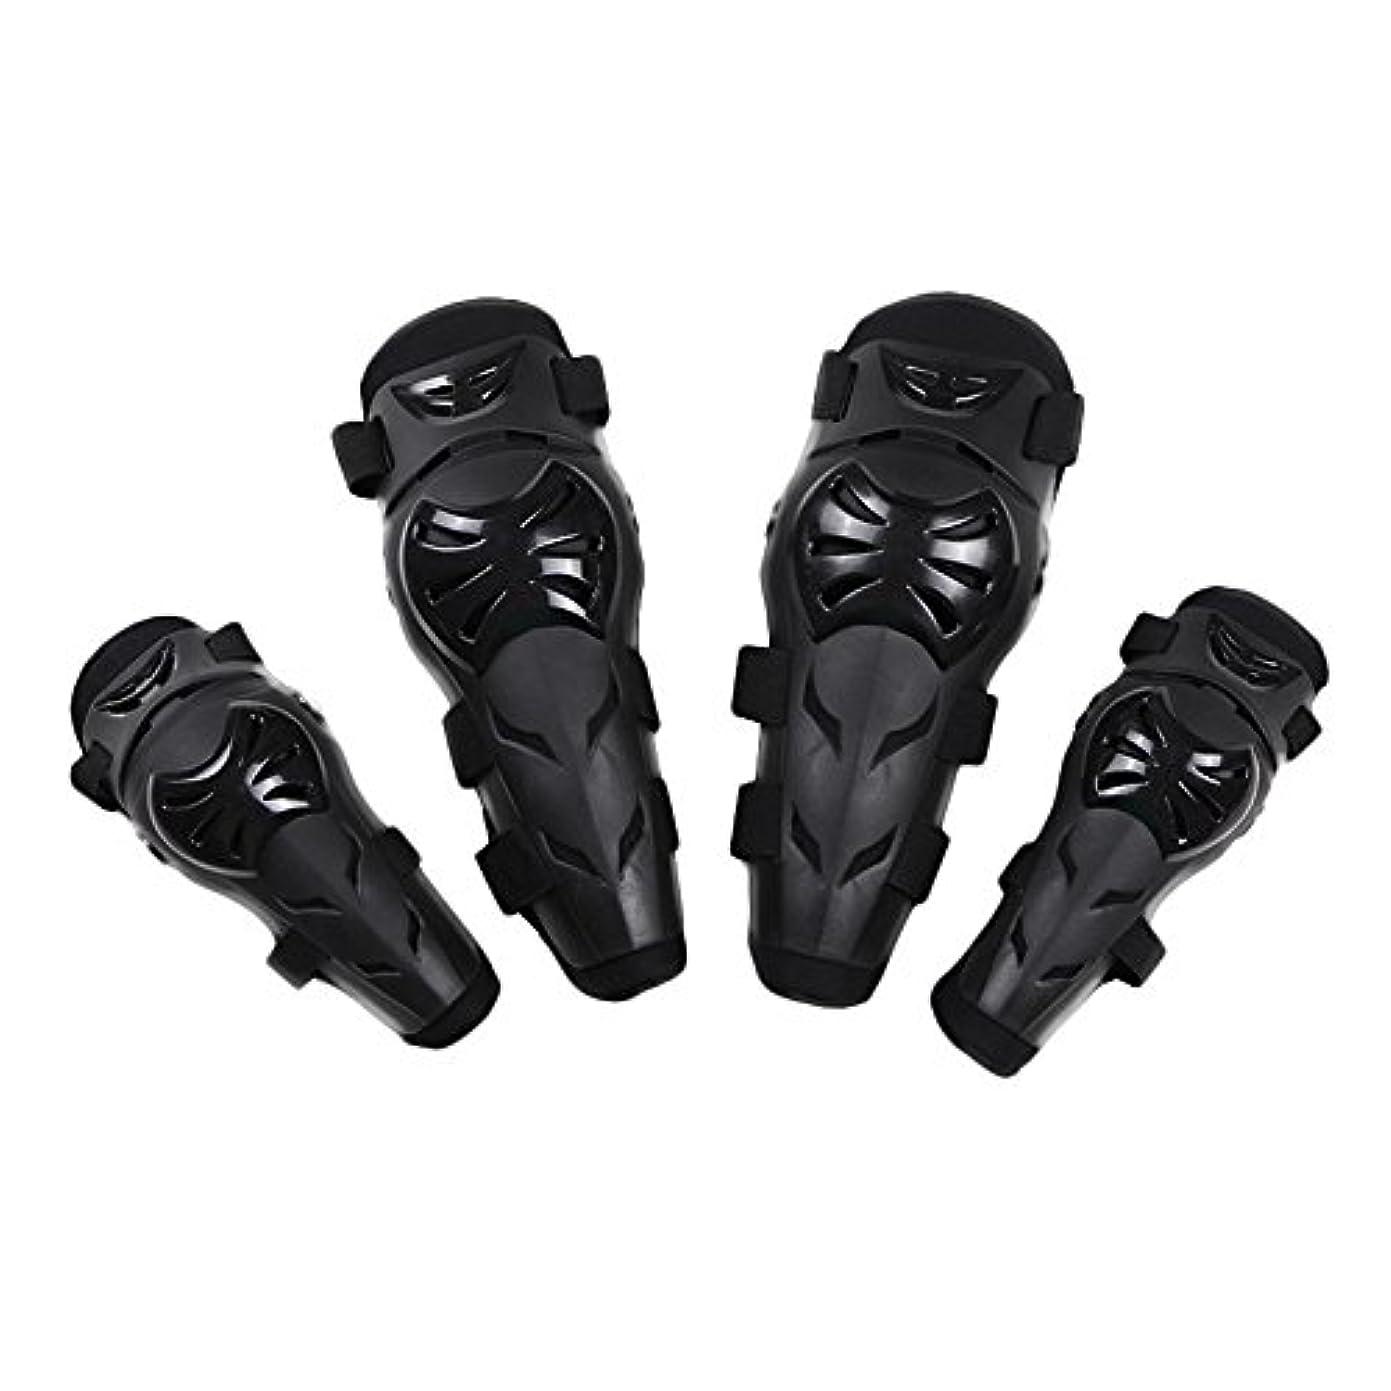 チャンス意識的ホバー膝パッドサポート、 オートバイモトクロスサイクリング肘と膝プロテクター保護手袋サイクリングスケート - 4セット 登山をするスポーツのために (色 : 緑)